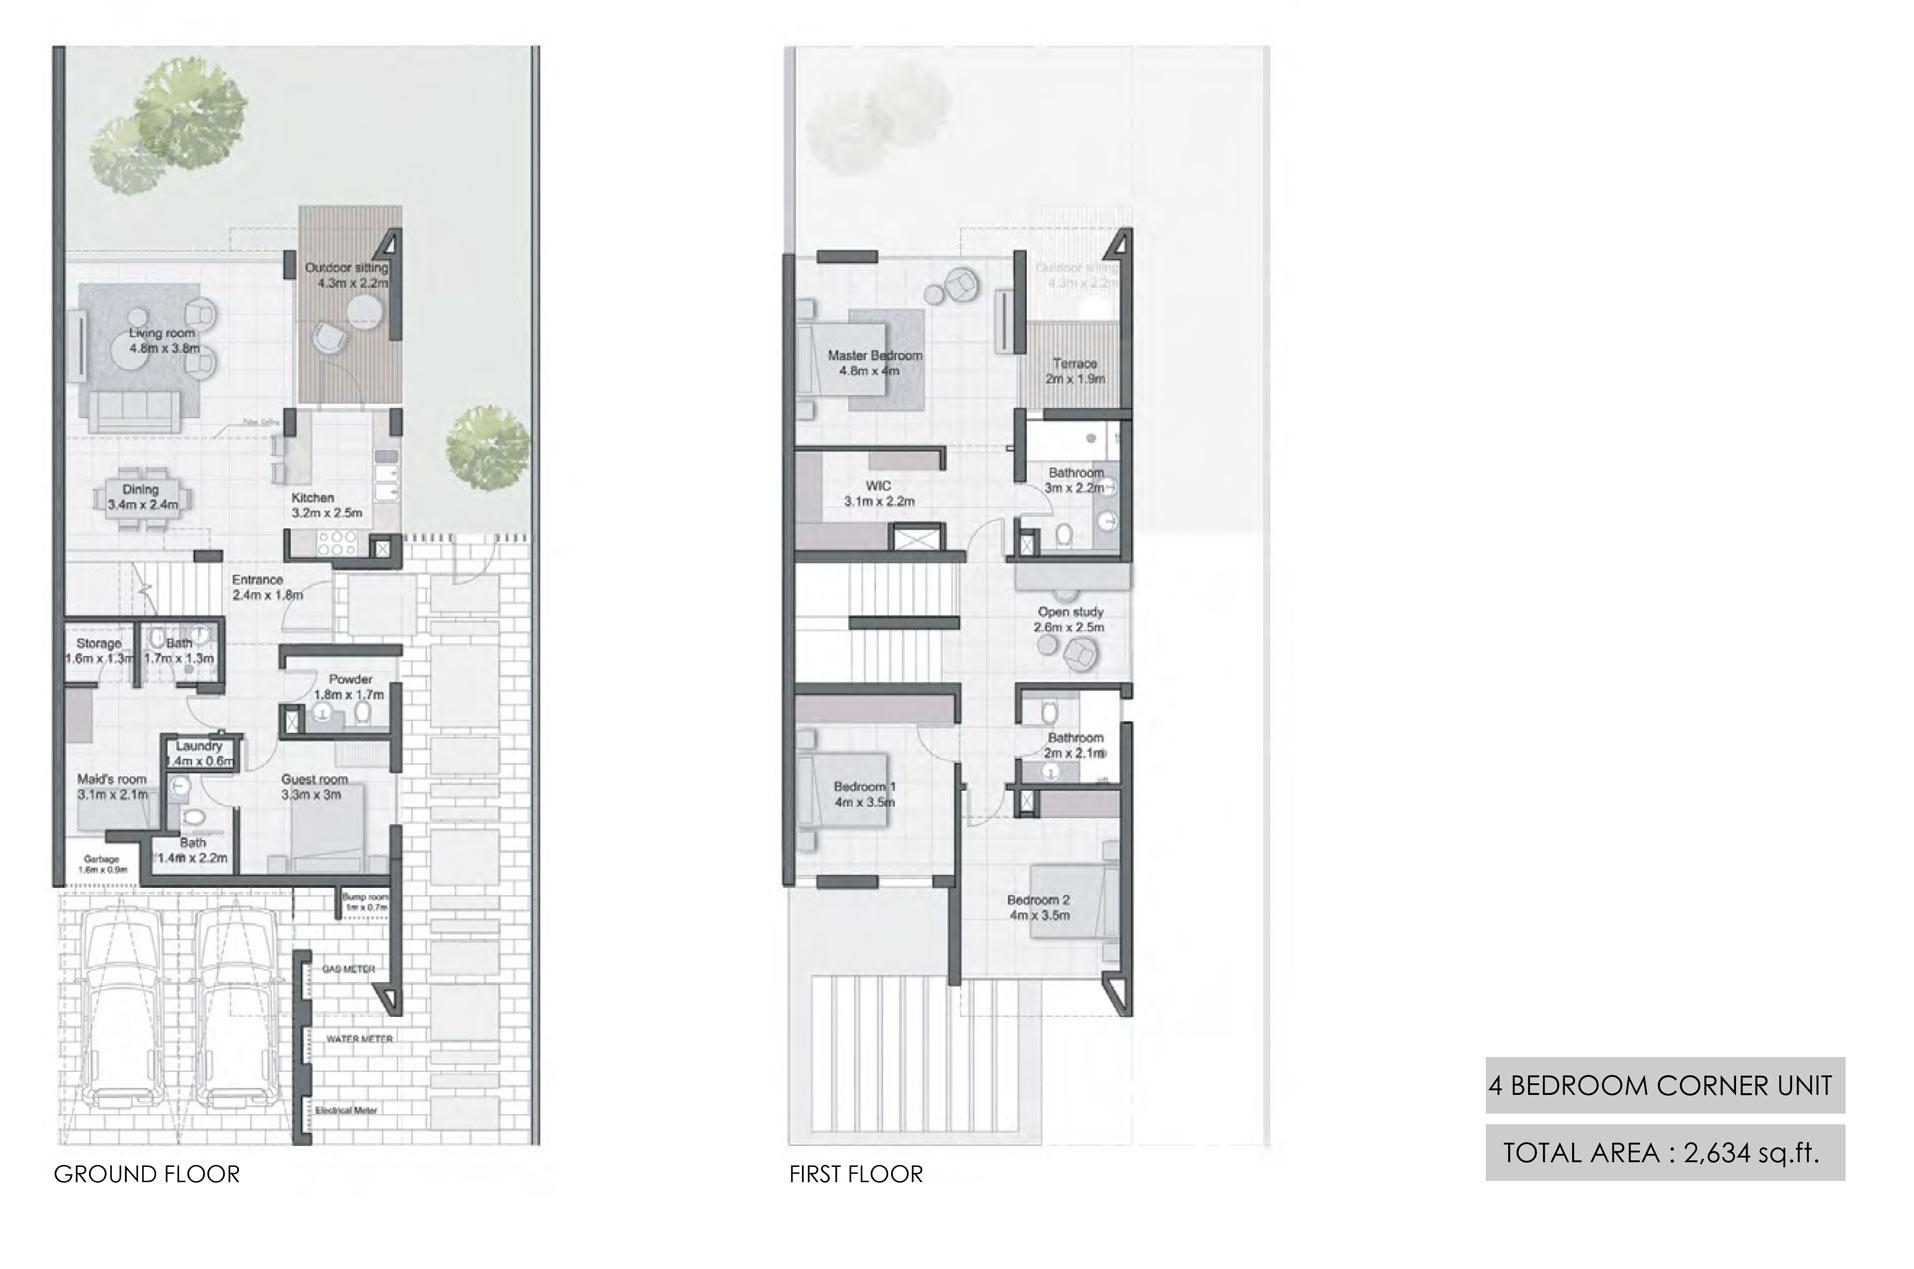 أربع غرف نوم، وحدة الزاوية، حجم 2634 قدم مربع